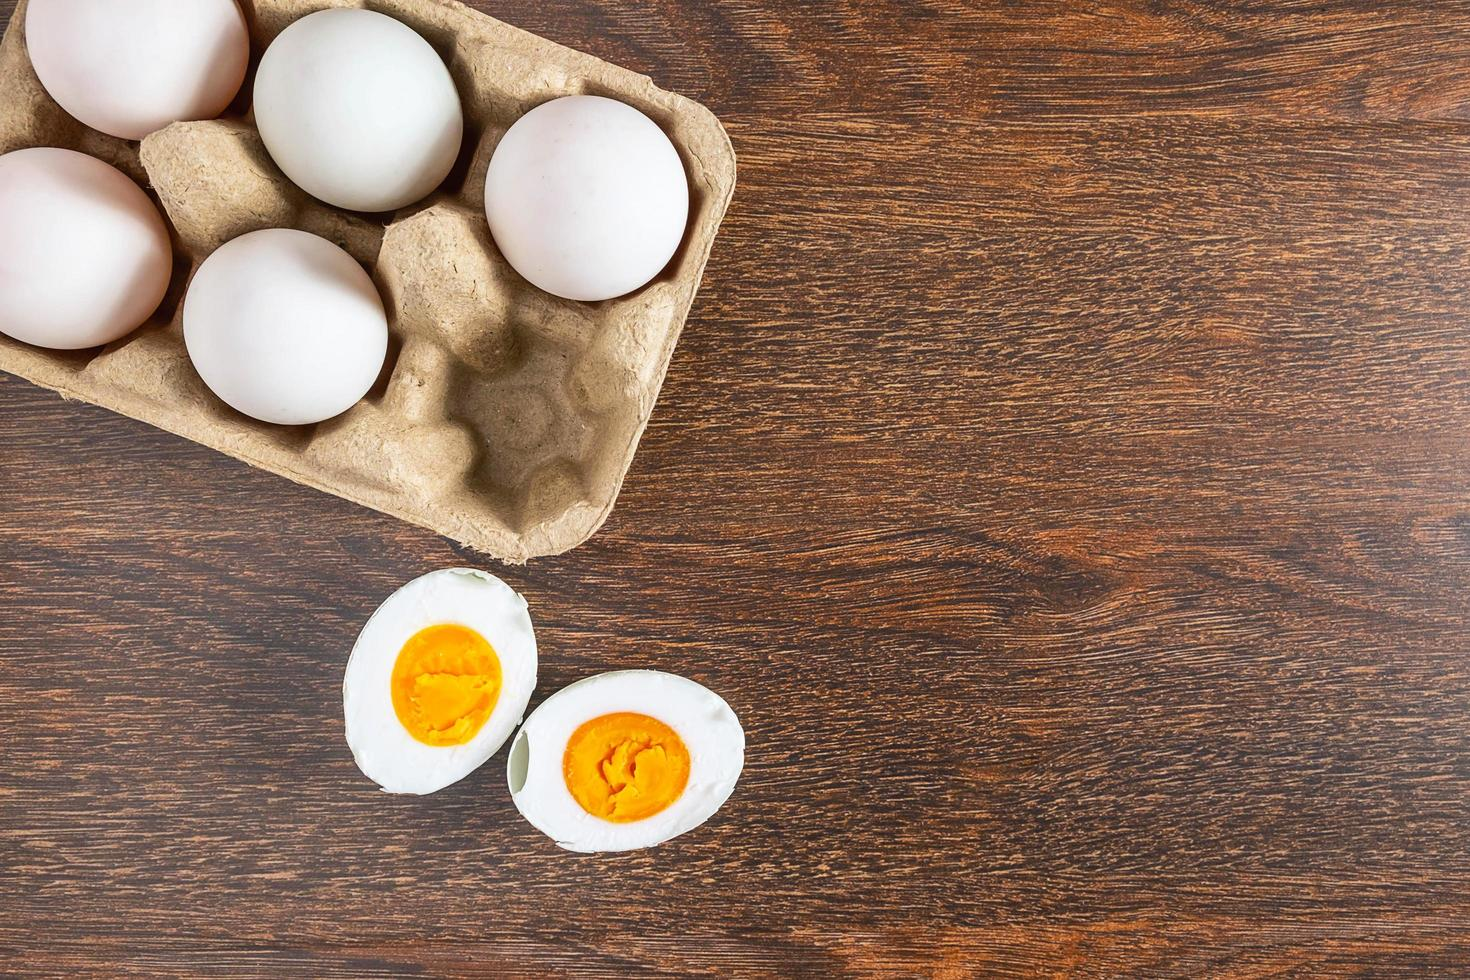 halverat hårdkokt ankaägg bredvid hela ägg i en kartong på ett träbord foto